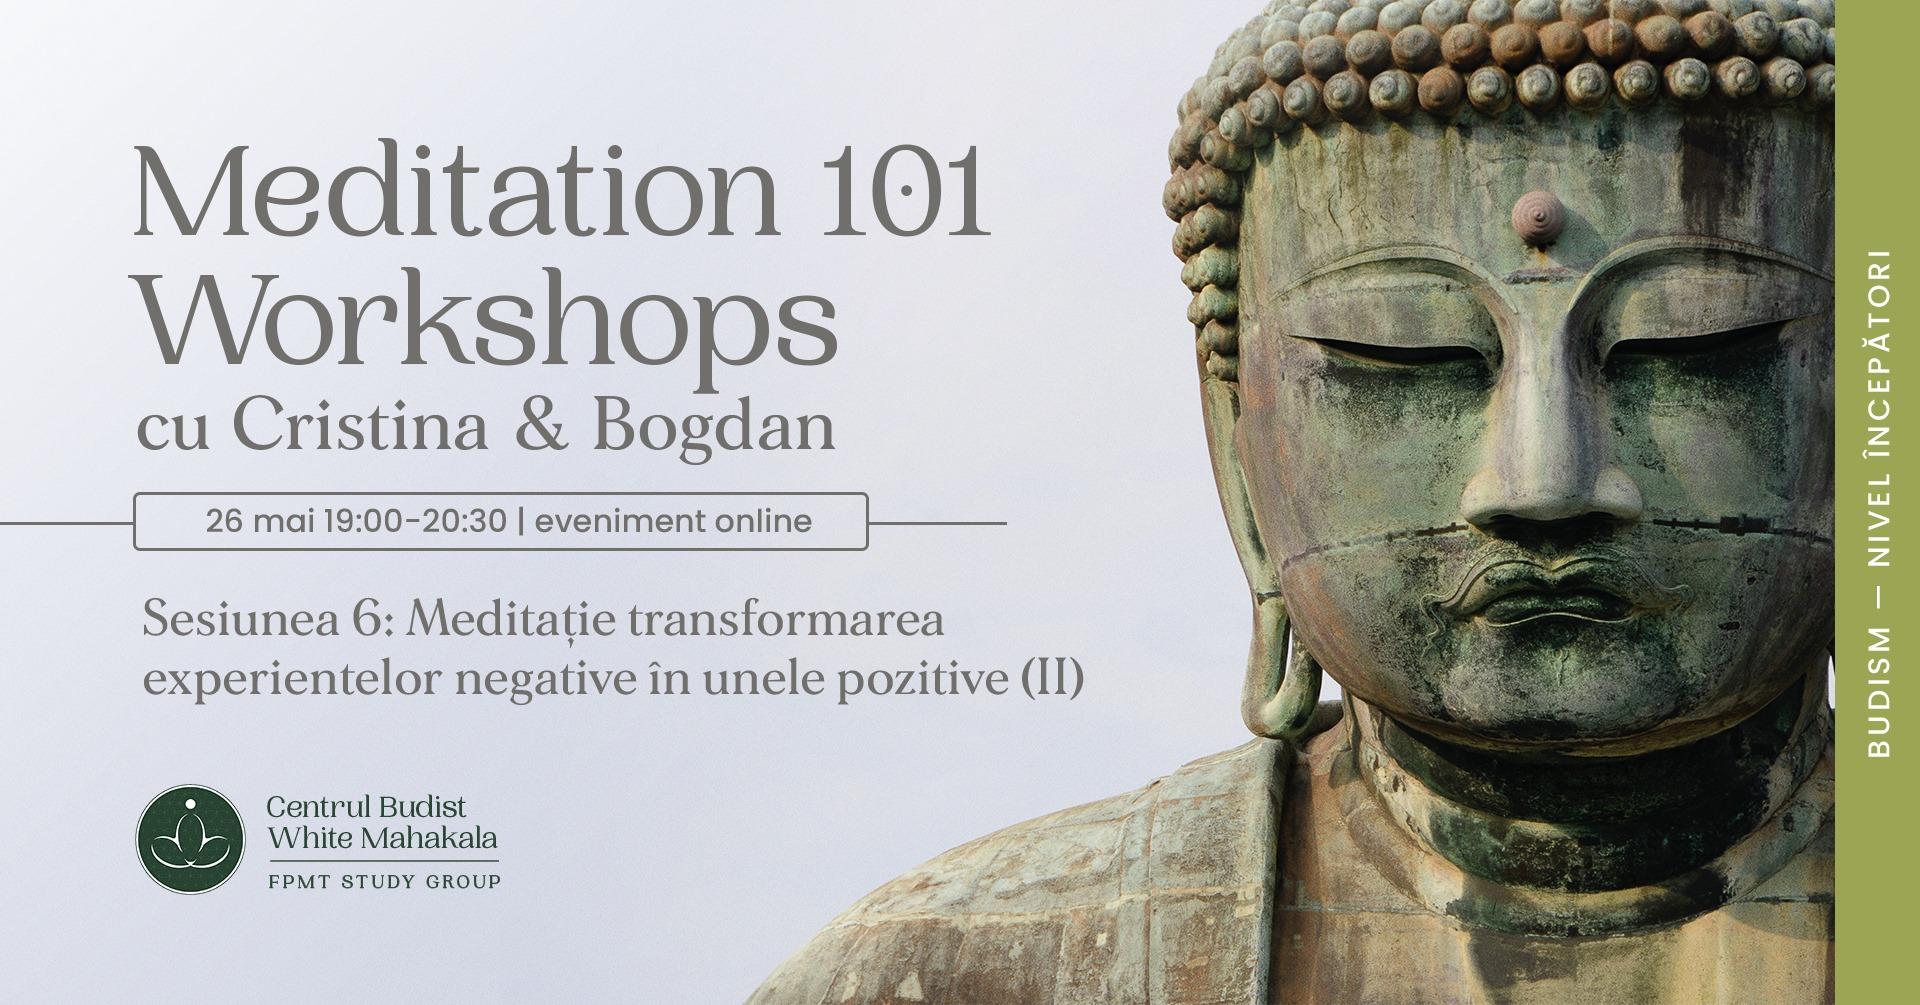 MEDITATION 101- Workshops. Sesiunea 6: Transformarea experientelor negative in unele pozitive (II)